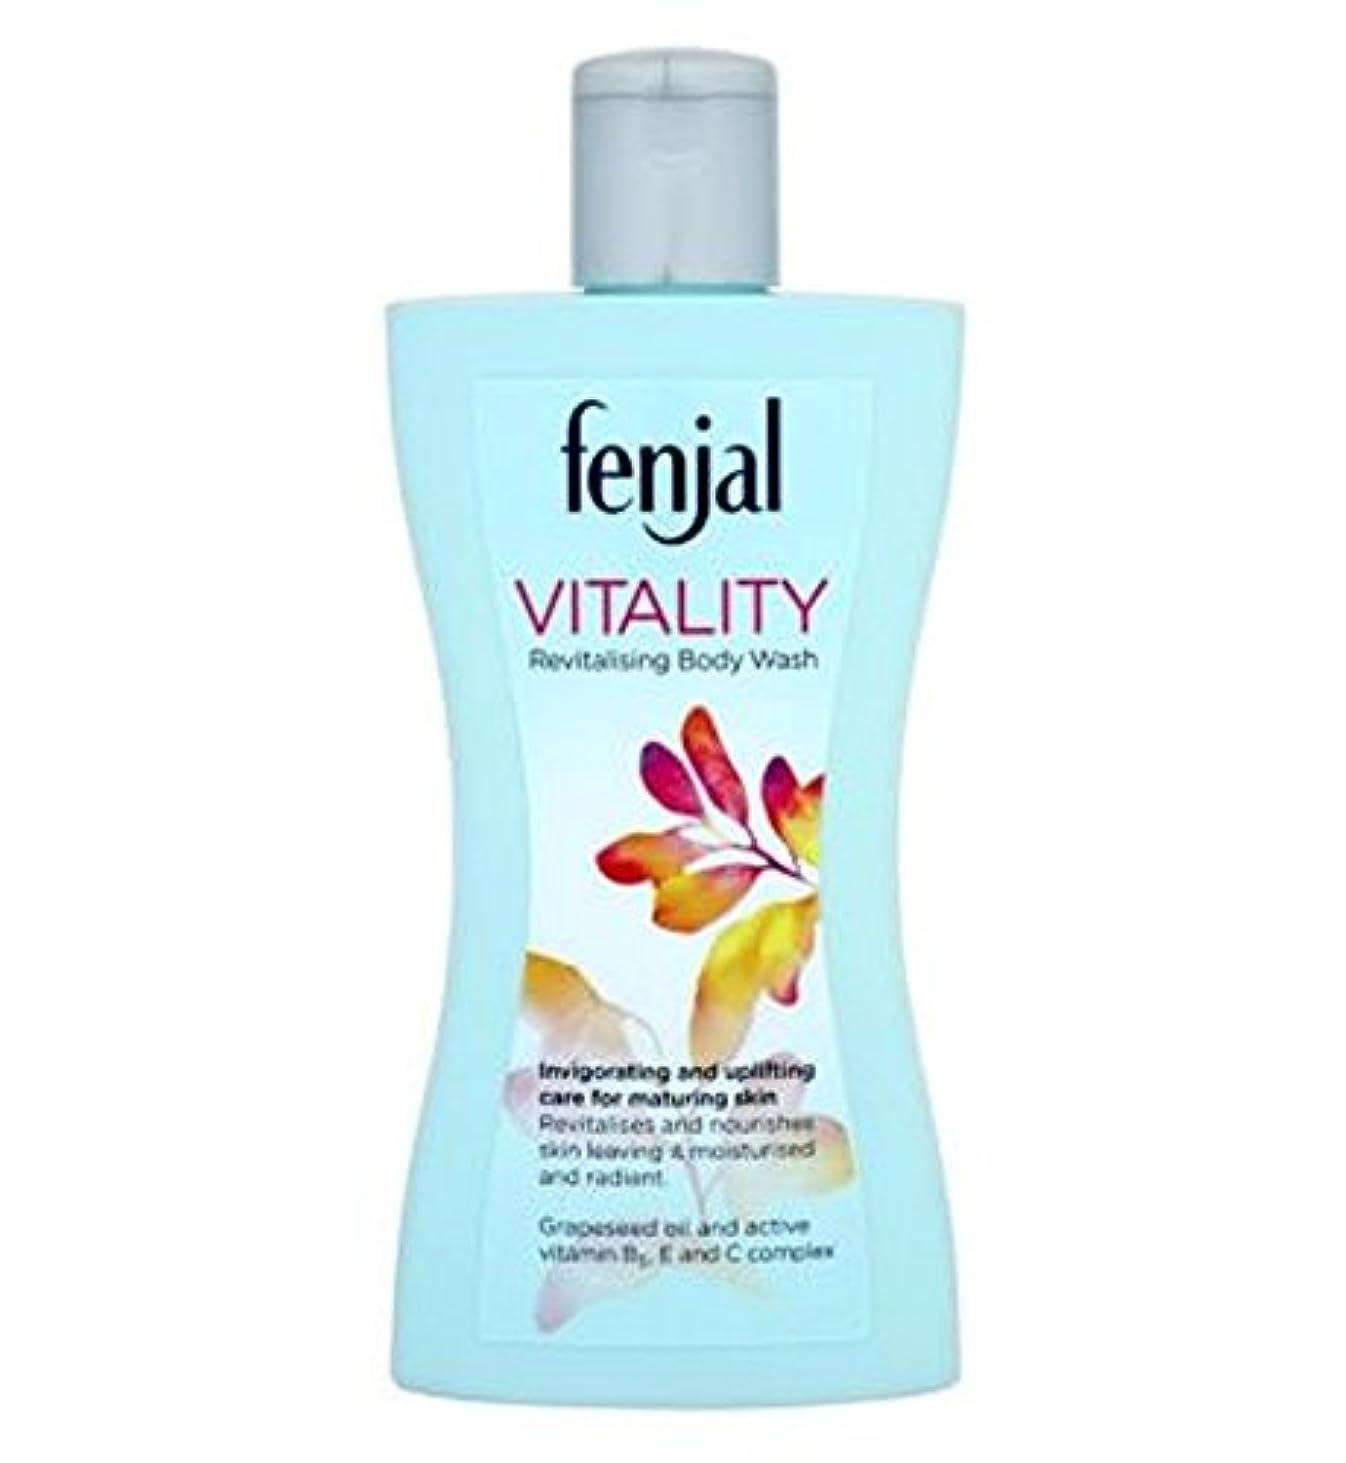 タイトル委任するクレーターFenjal Vitality revitalising Body Wash - Fenjal活力活性化ボディウォッシュ (Fenjal) [並行輸入品]